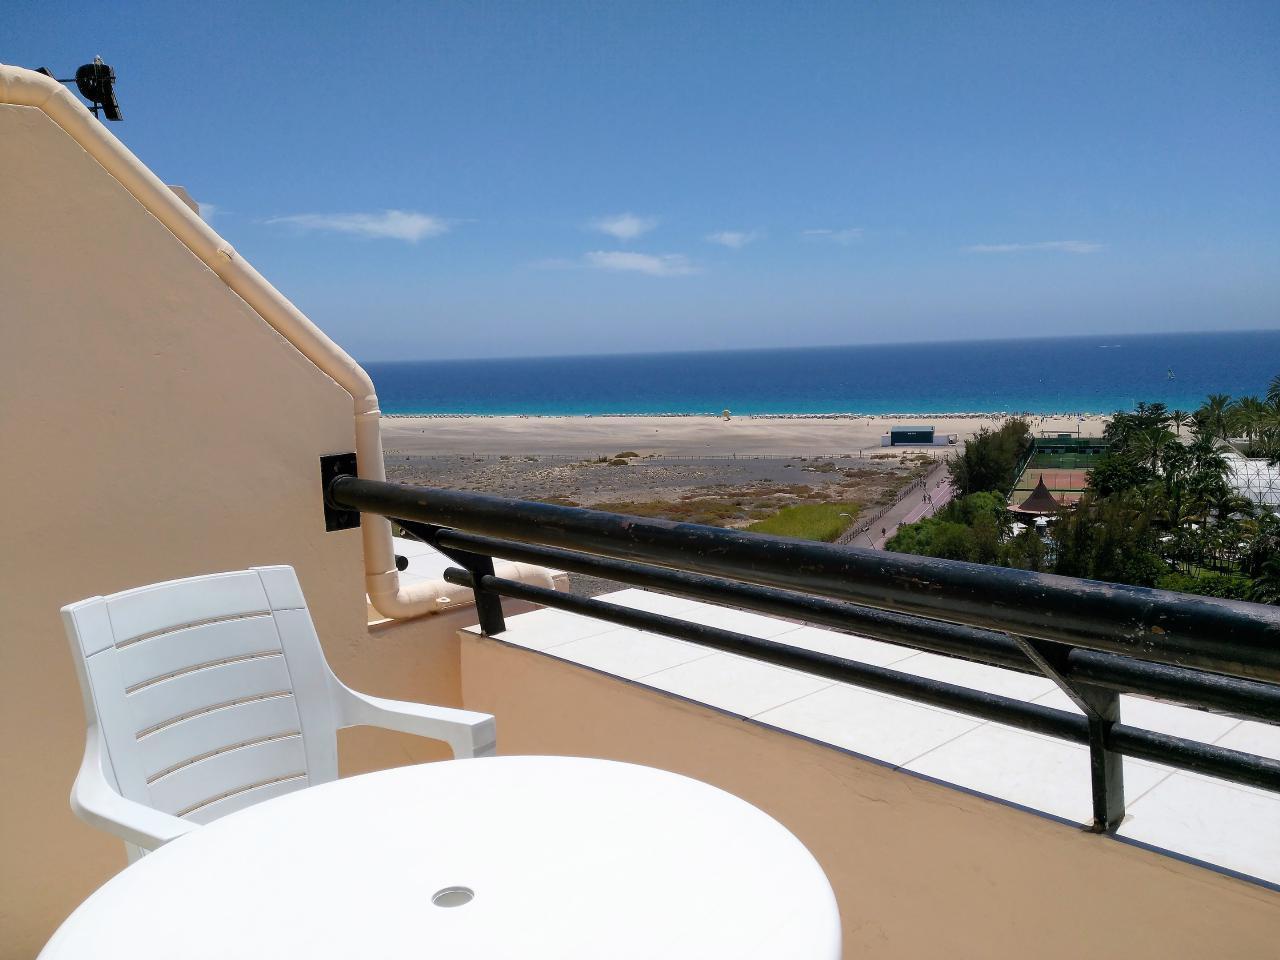 Ferienwohnung Apartment 2 / 4er Direkt am Meer, mit Blick auf den Strand, Schwimmbäder, ausgestattet. WI (634890), Morro Jable, Fuerteventura, Kanarische Inseln, Spanien, Bild 11